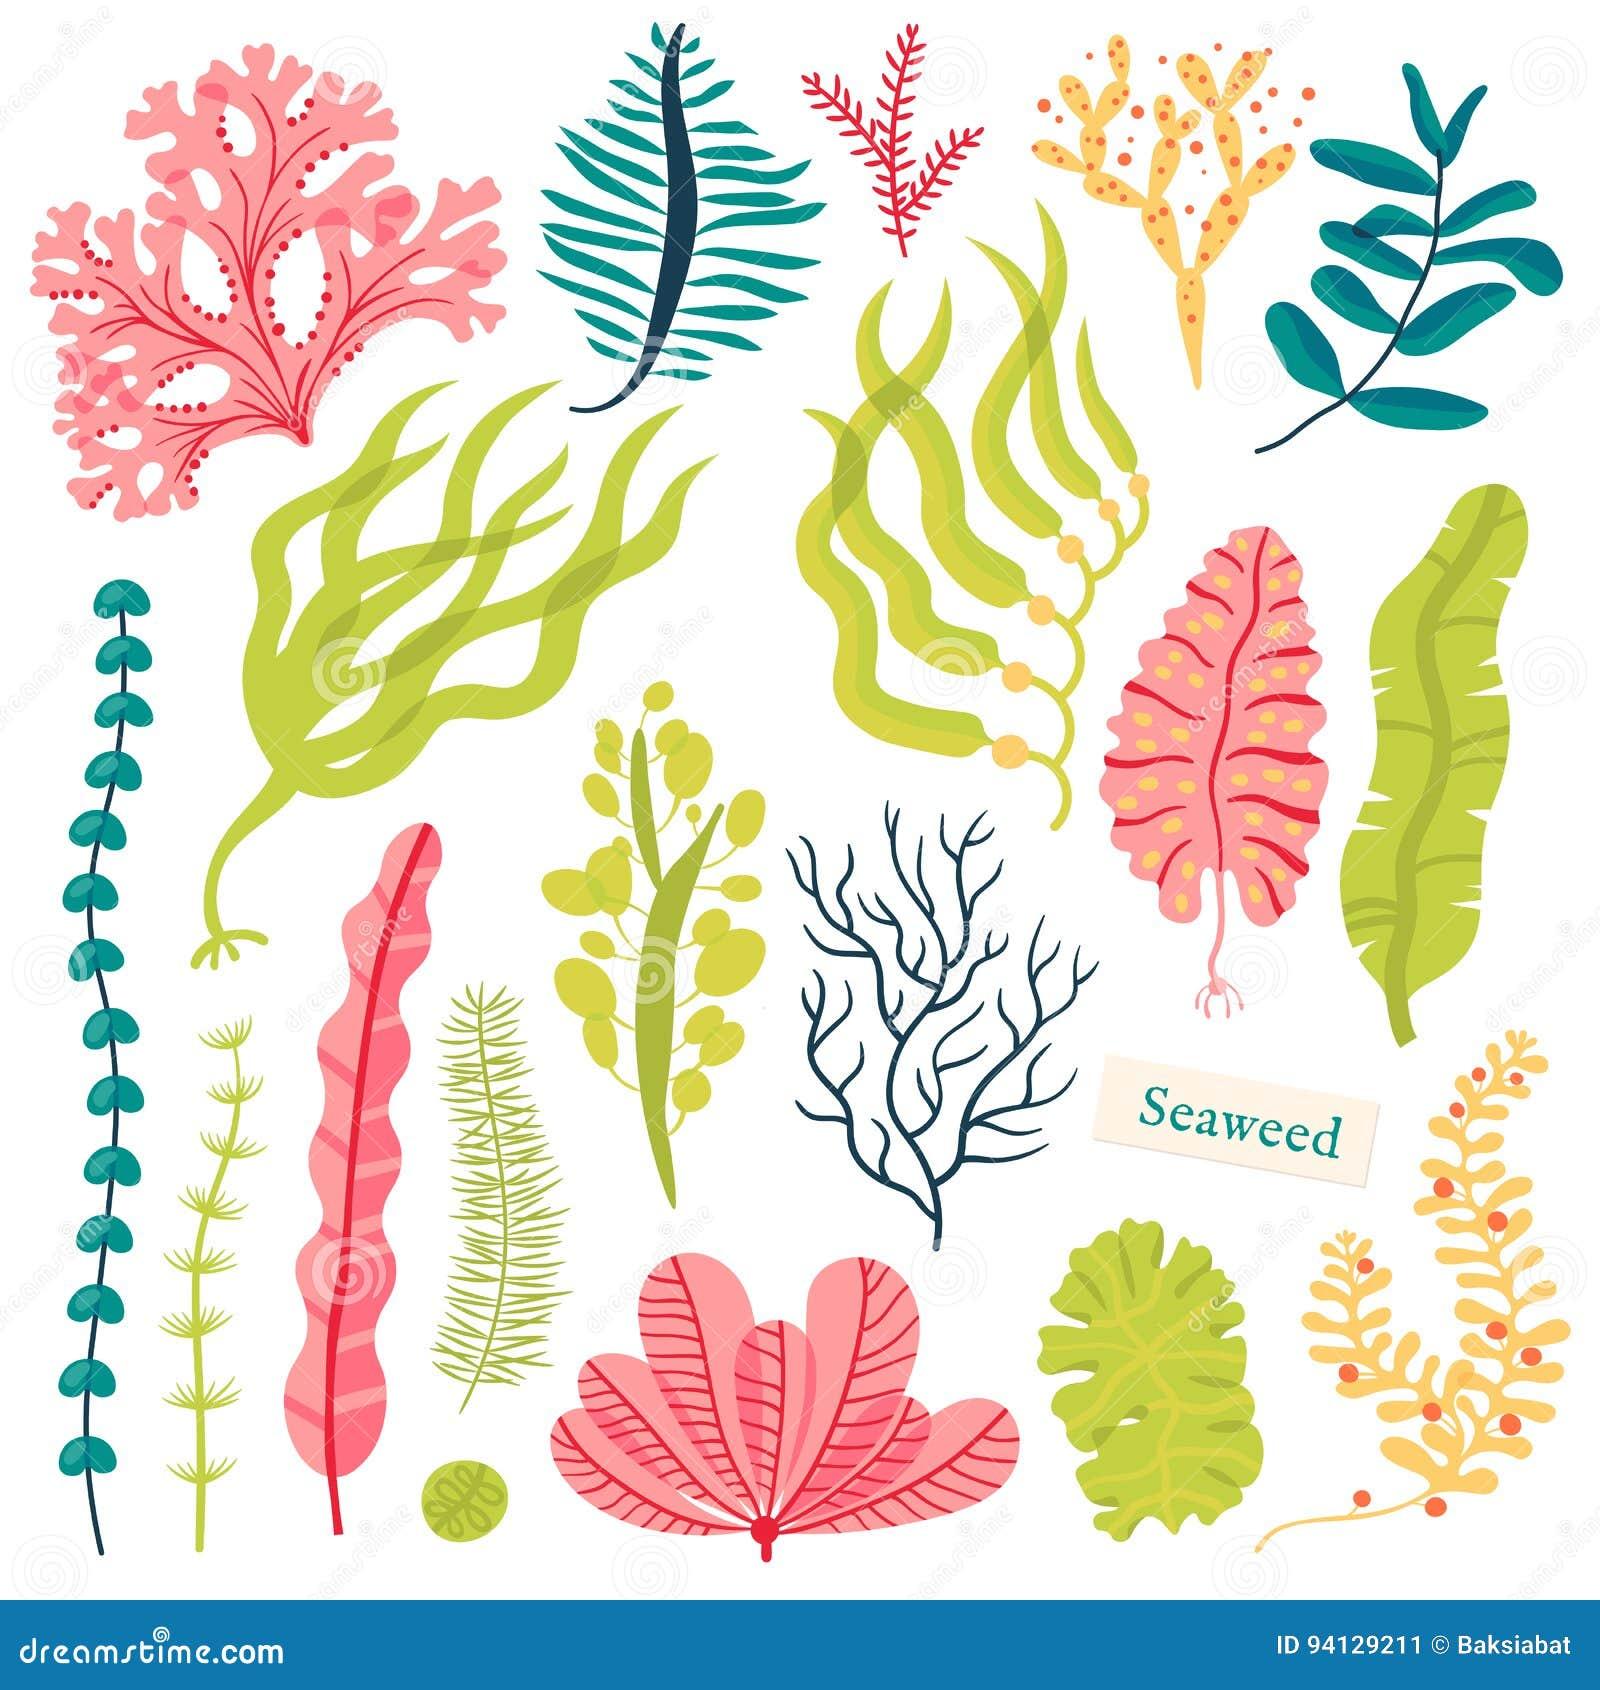 Plantas De Mar E Algas Marinhas Aquaticas Ilustracao Ajustada Do